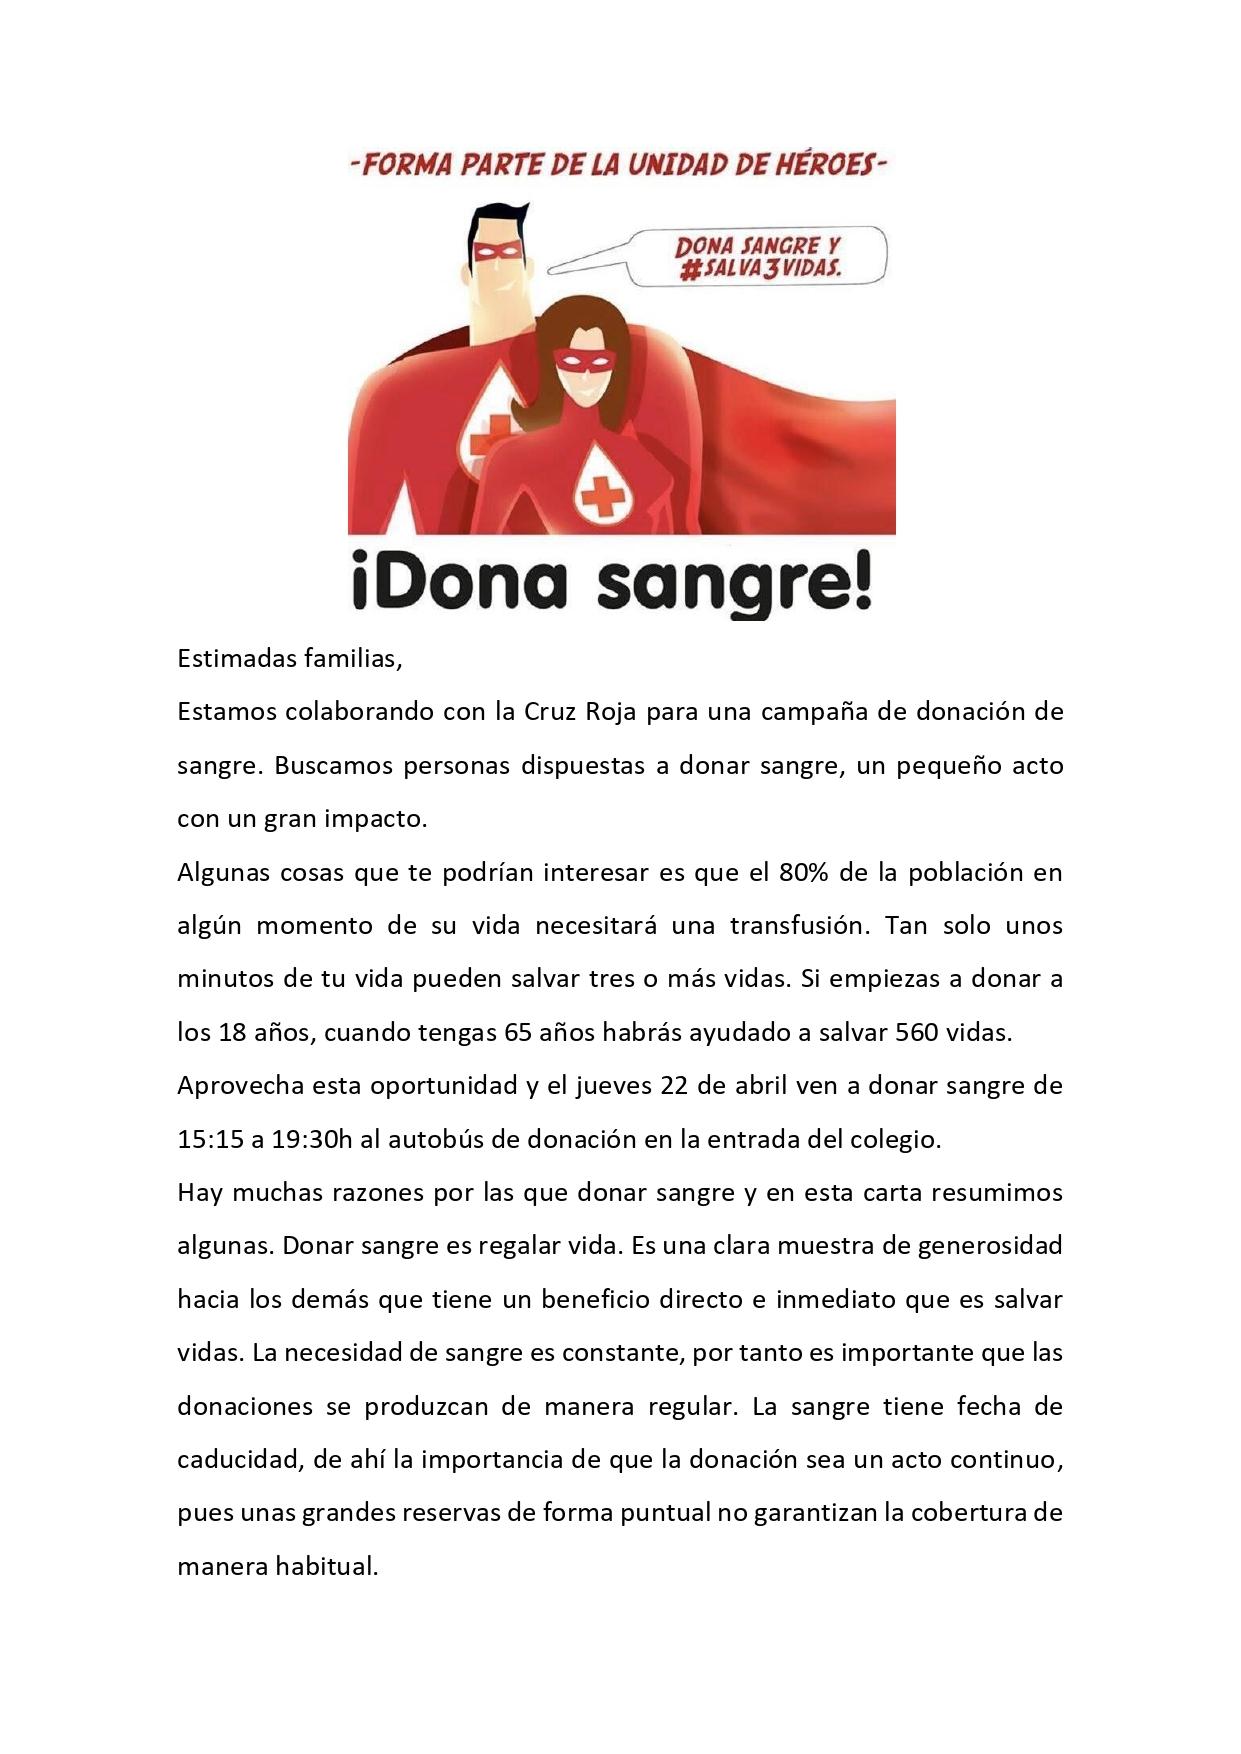 Carta-de-concienciación-Cruz-Roja-2021_page-0001